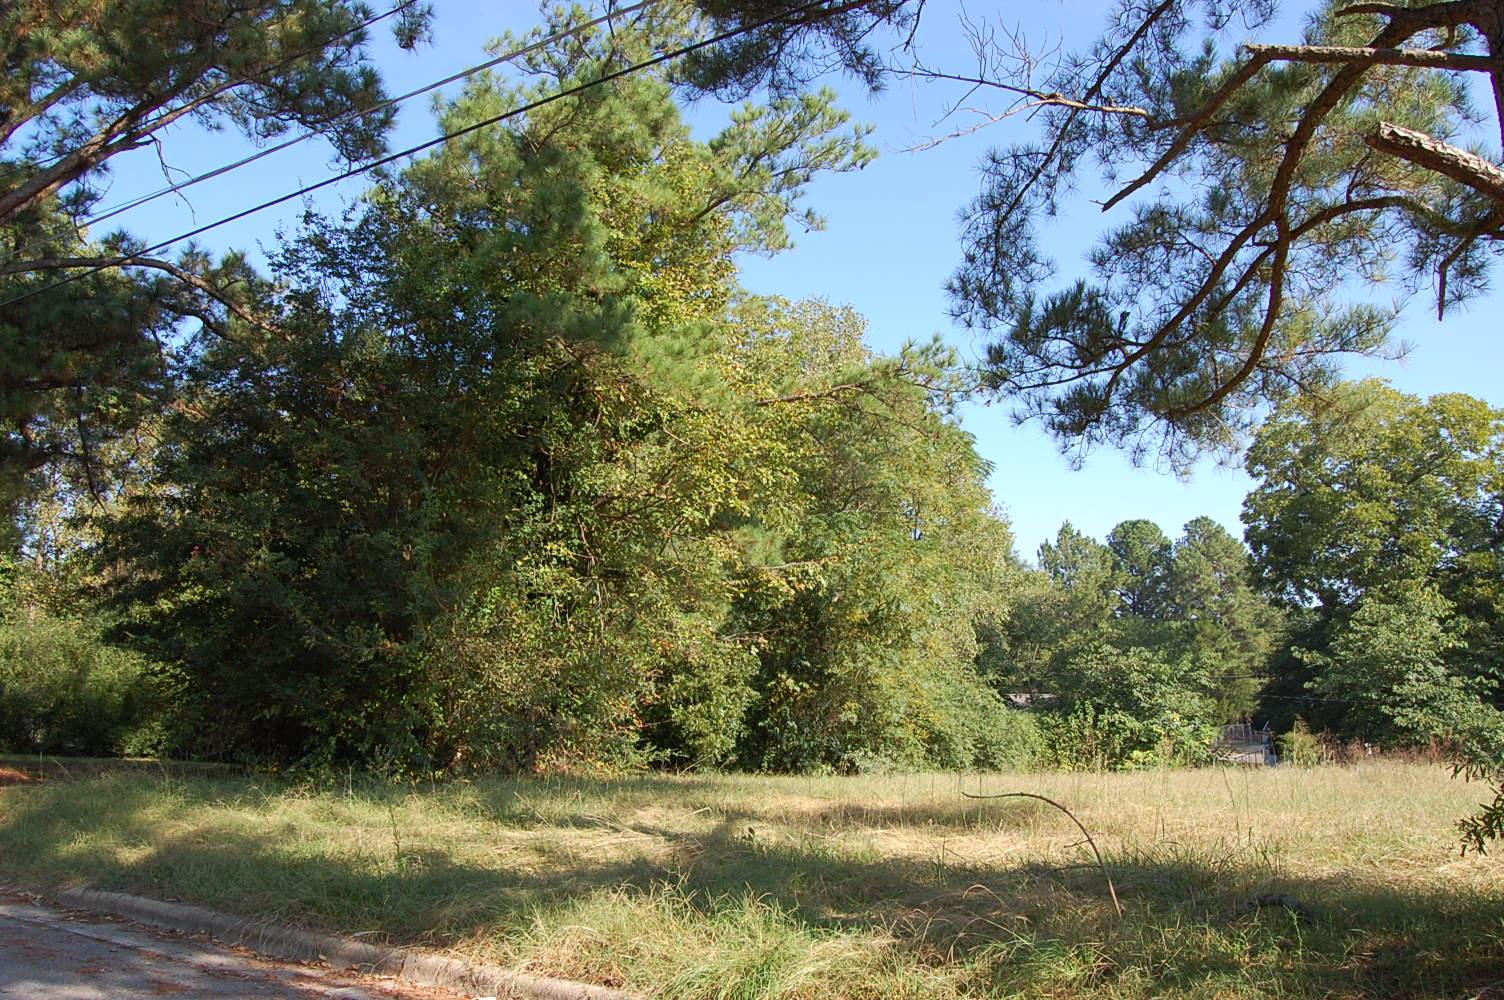 Green North Carolina Neighborhood Getaway - Image 1